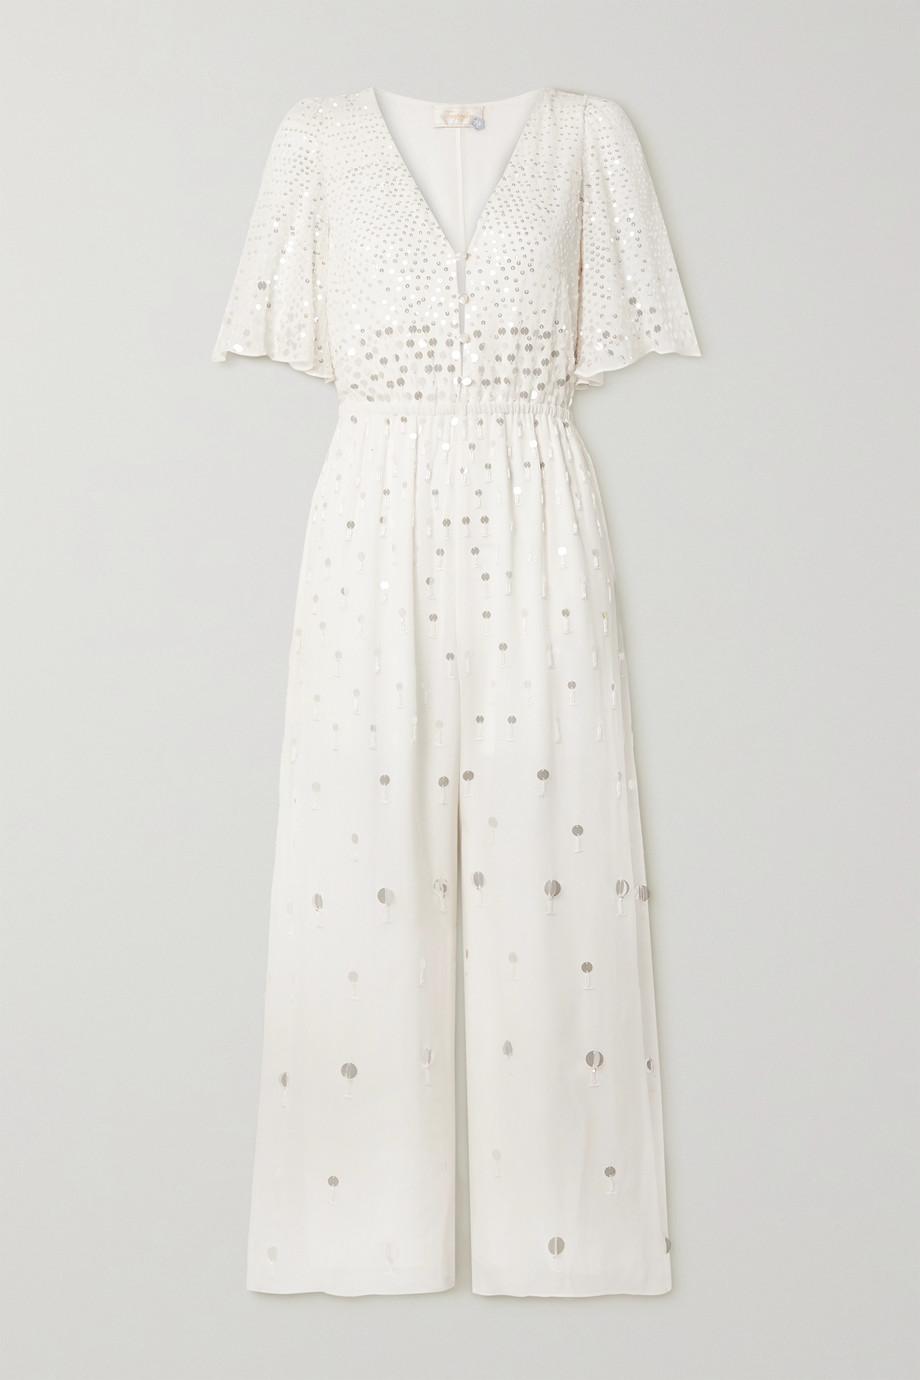 템퍼리 런던 시퀸 비즈 장식 점프수트 - 아이보리 (한혜연 착용) Temperley London Ruth embellished crepe de chine jumpsuit